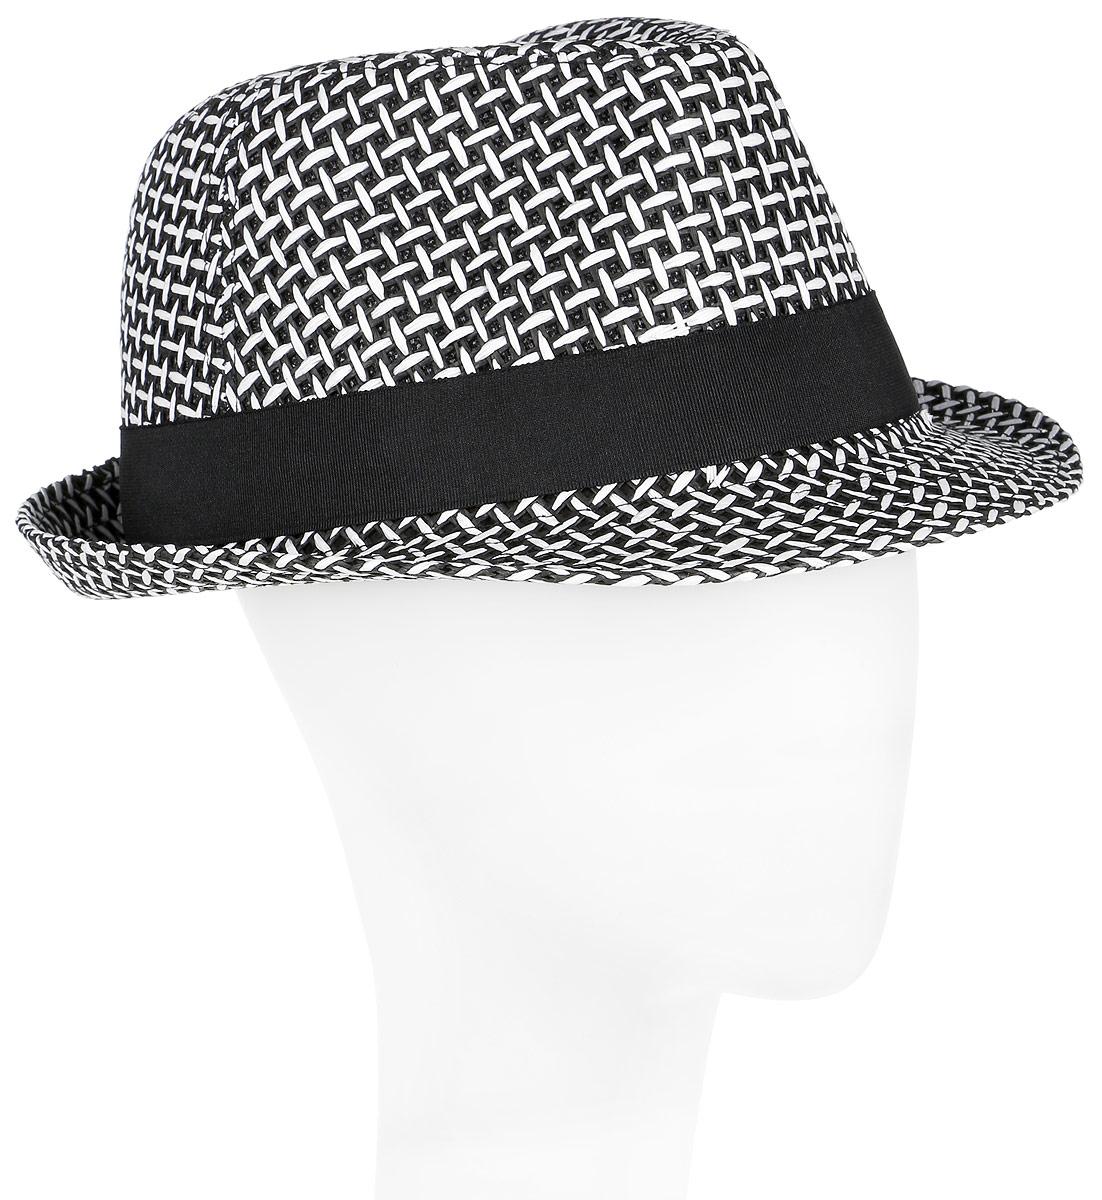 Шляпа мужская Canoe Griddle, цвет: белый. 1962400. Размер 591962400Летняя шляпа Canoe Griddle имеет оригинальную фактуру и непременно украсит любой наряд.Шляпа из искусственной соломы оформлена декоративной лентой с логотипом фирмы вокруг тульи. Благодаря своей форме, шляпа удобно садится по голове и подойдет к любому стилю. Шляпа легко восстанавливает свою форму после сжатия. Такая шляпа подчеркнет вашу неповторимость и дополнит ваш повседневный образ.